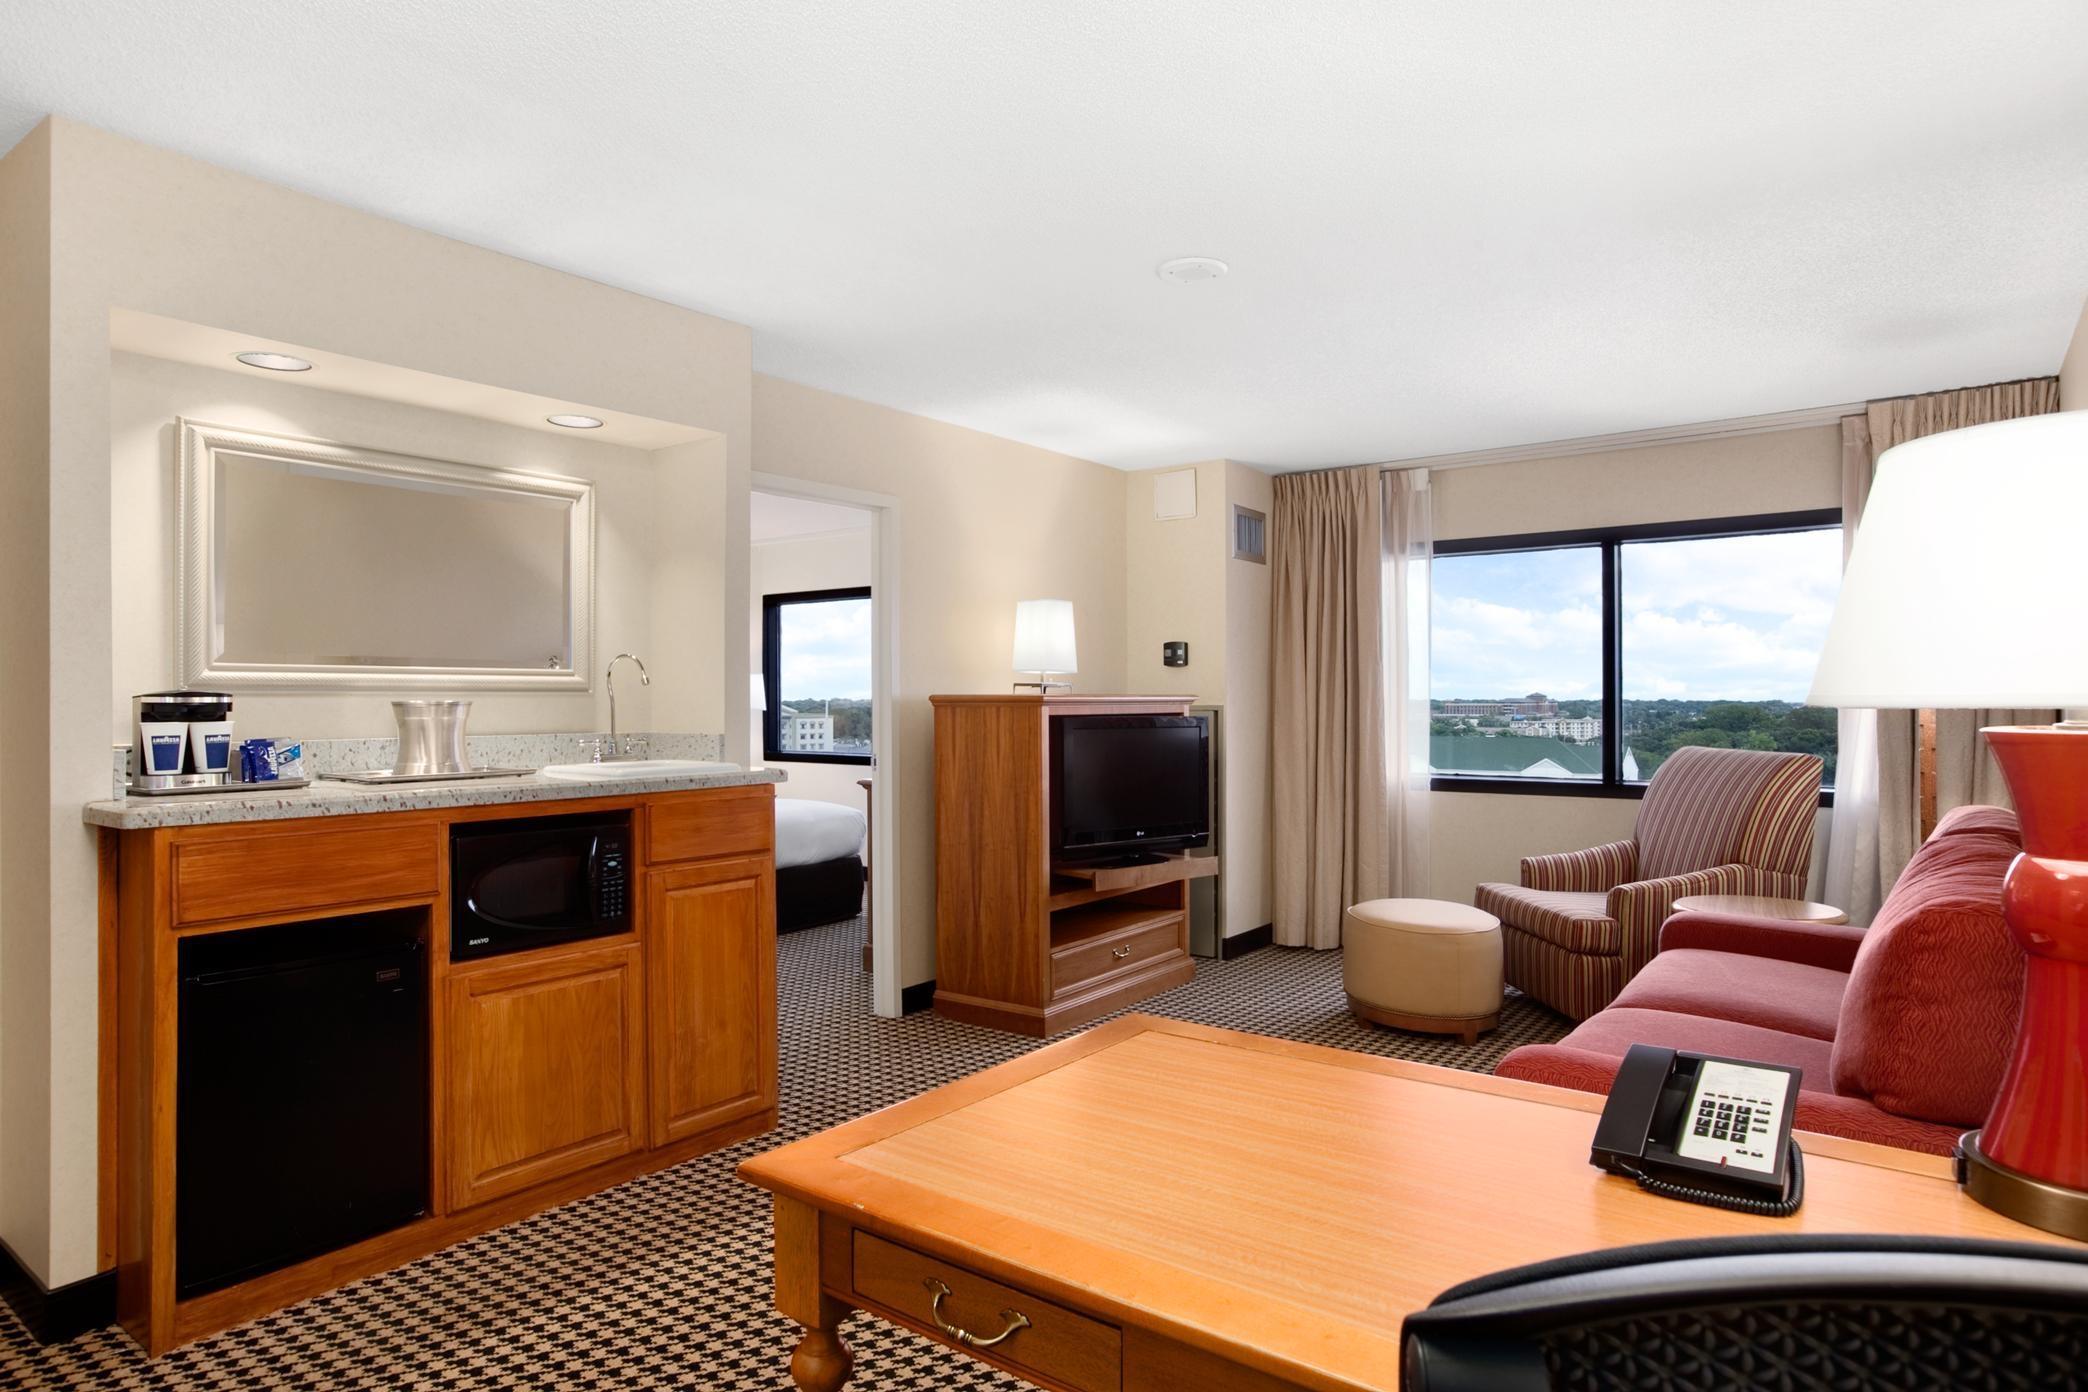 Hilton Chicago/Oak Brook Suites image 18